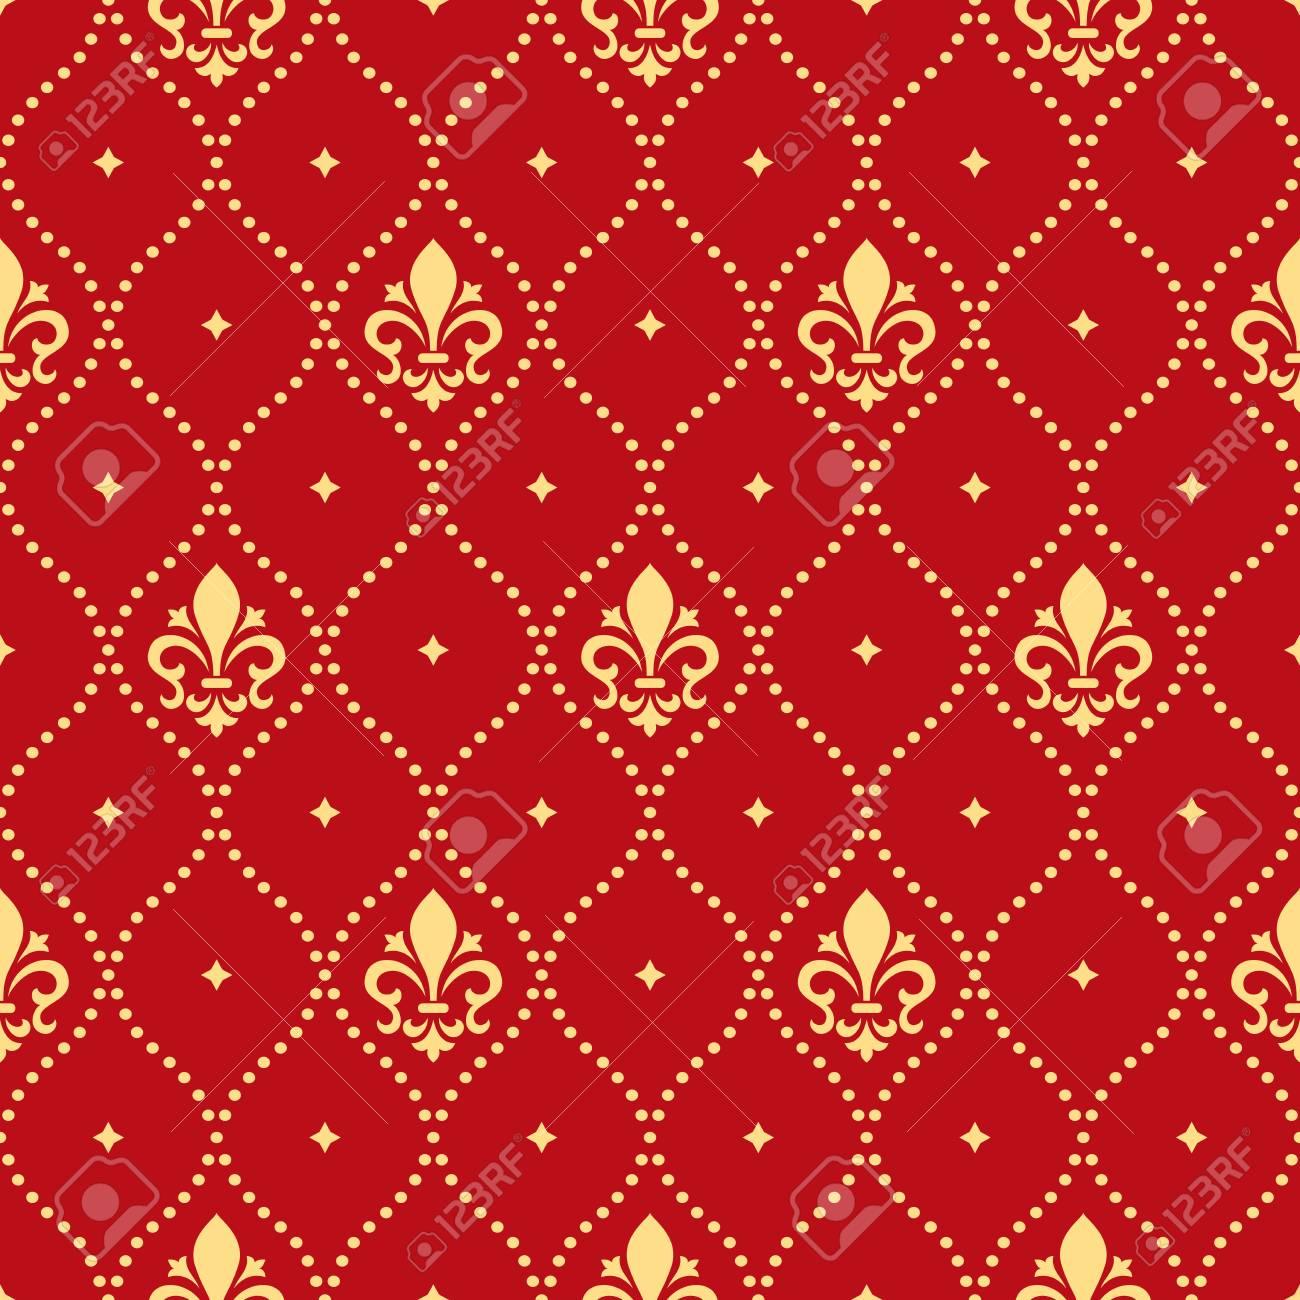 motif floral papier peint baroque damasse fond vectorielle continue ornement rouge et or